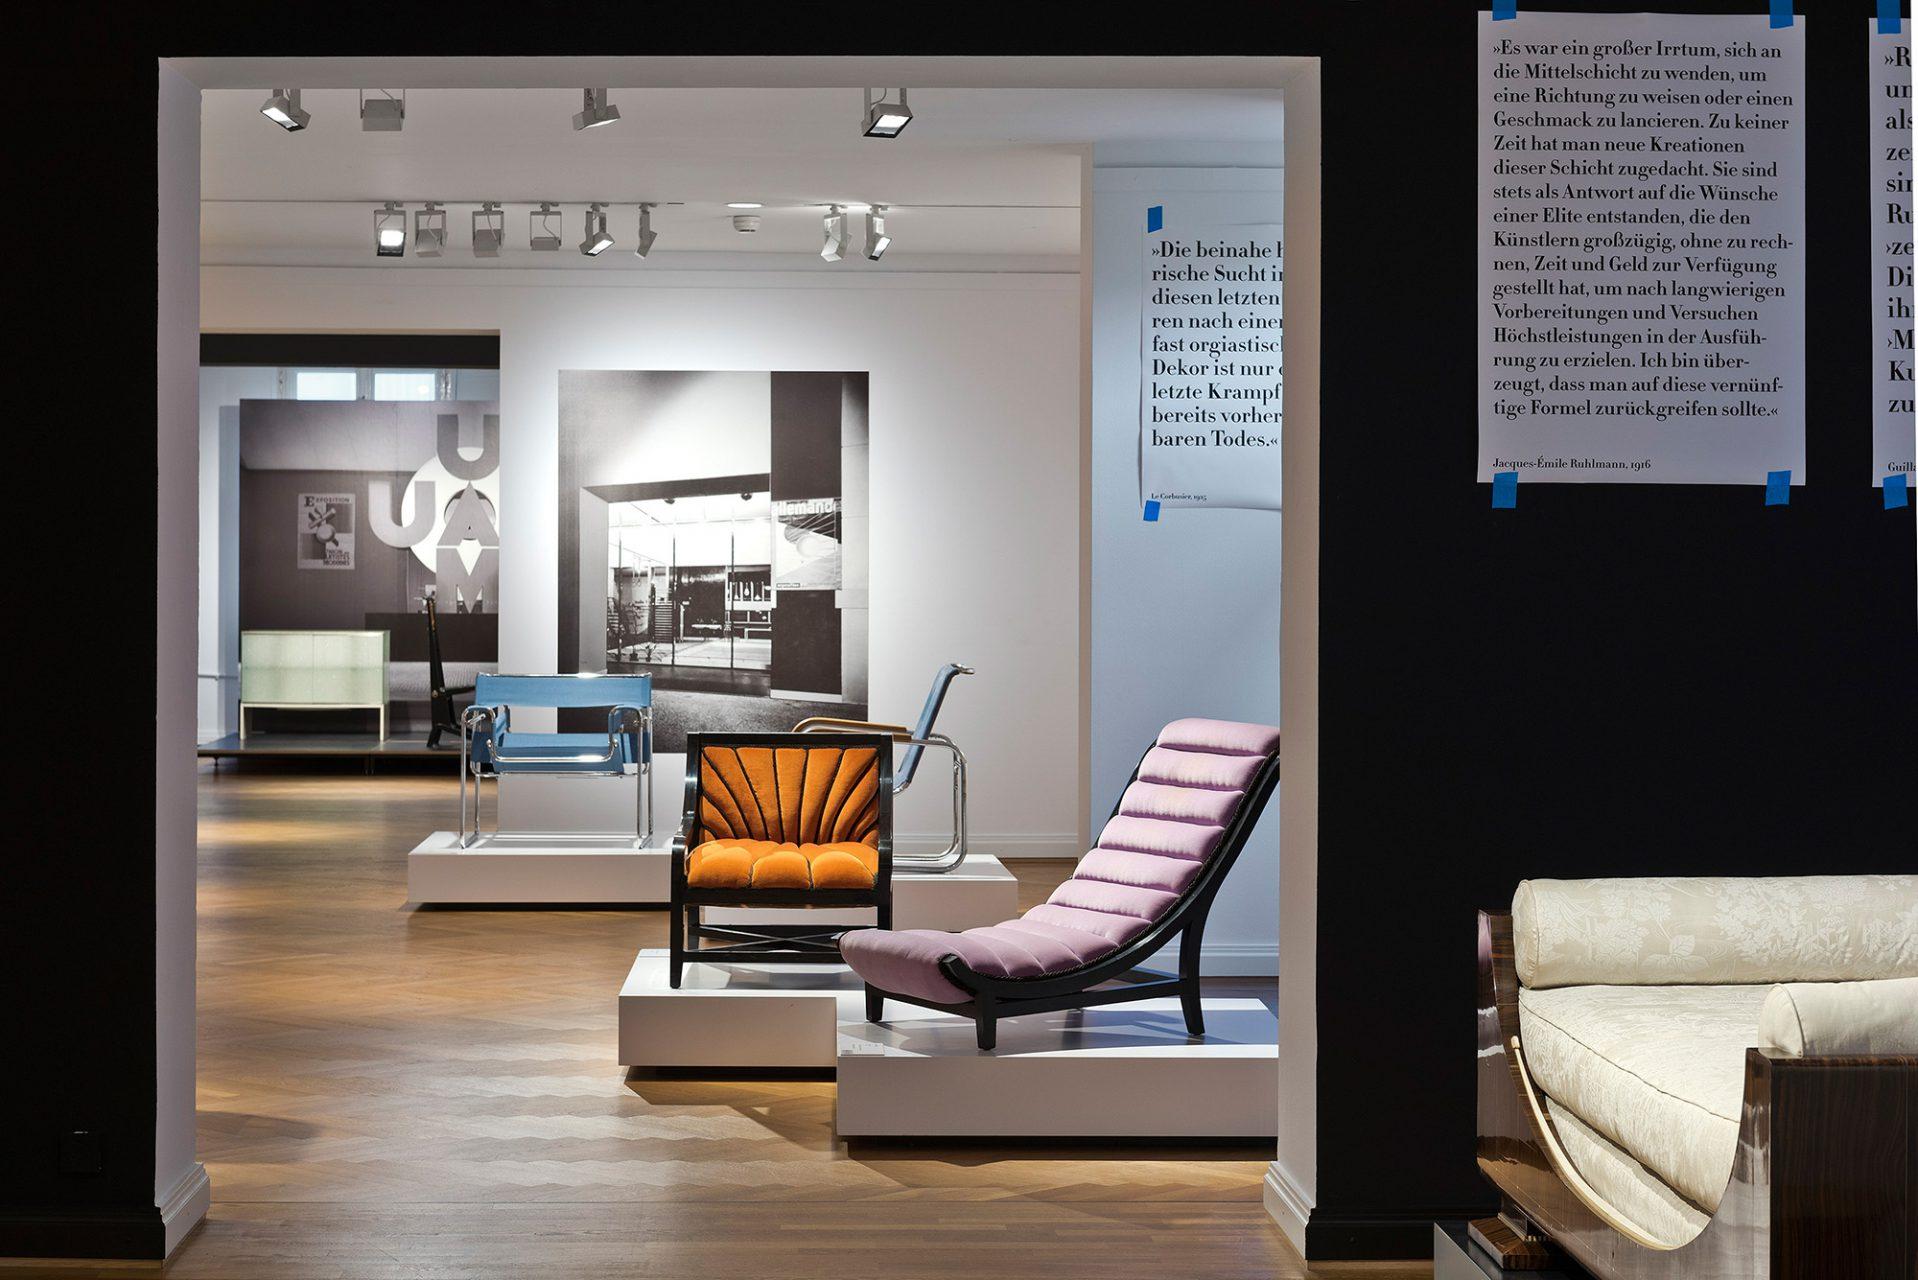 stilduell berlin deutschland the link stadt land architektur. Black Bedroom Furniture Sets. Home Design Ideas